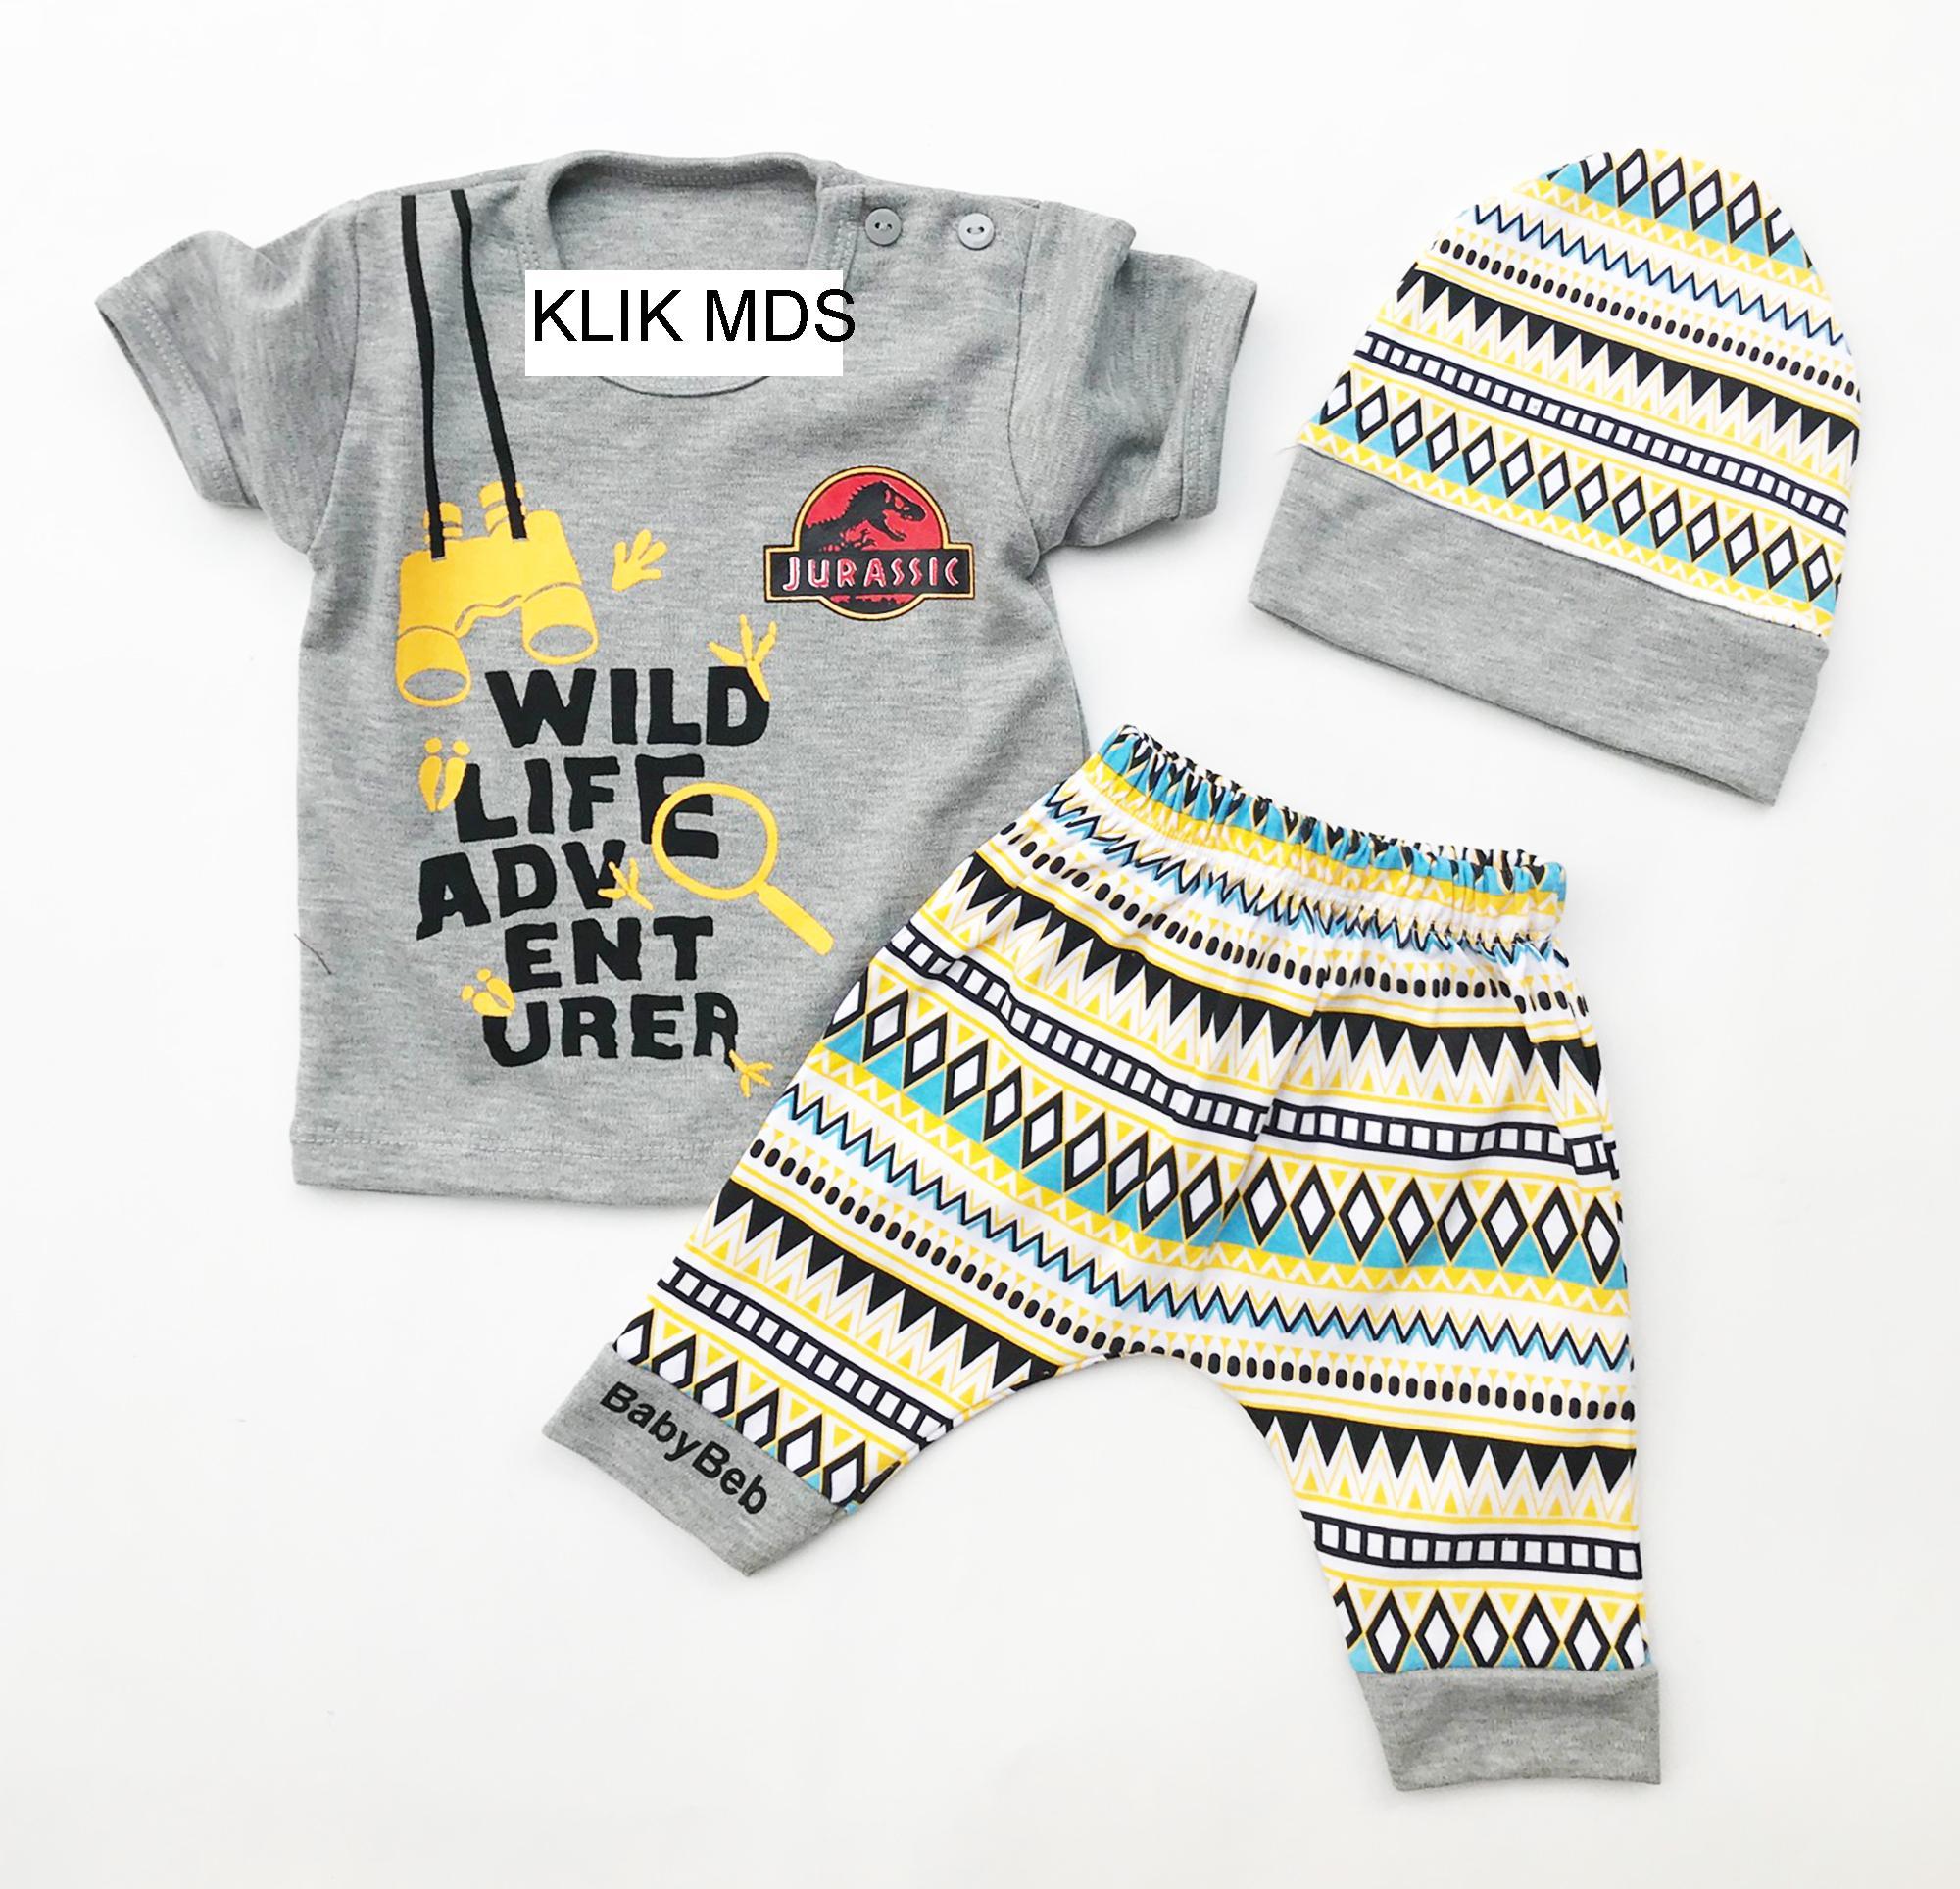 Klik Mds Baju Anak Bayi Setelan Atasan dan Celana Motif Karakter Jurasic Park Bricks - free topi